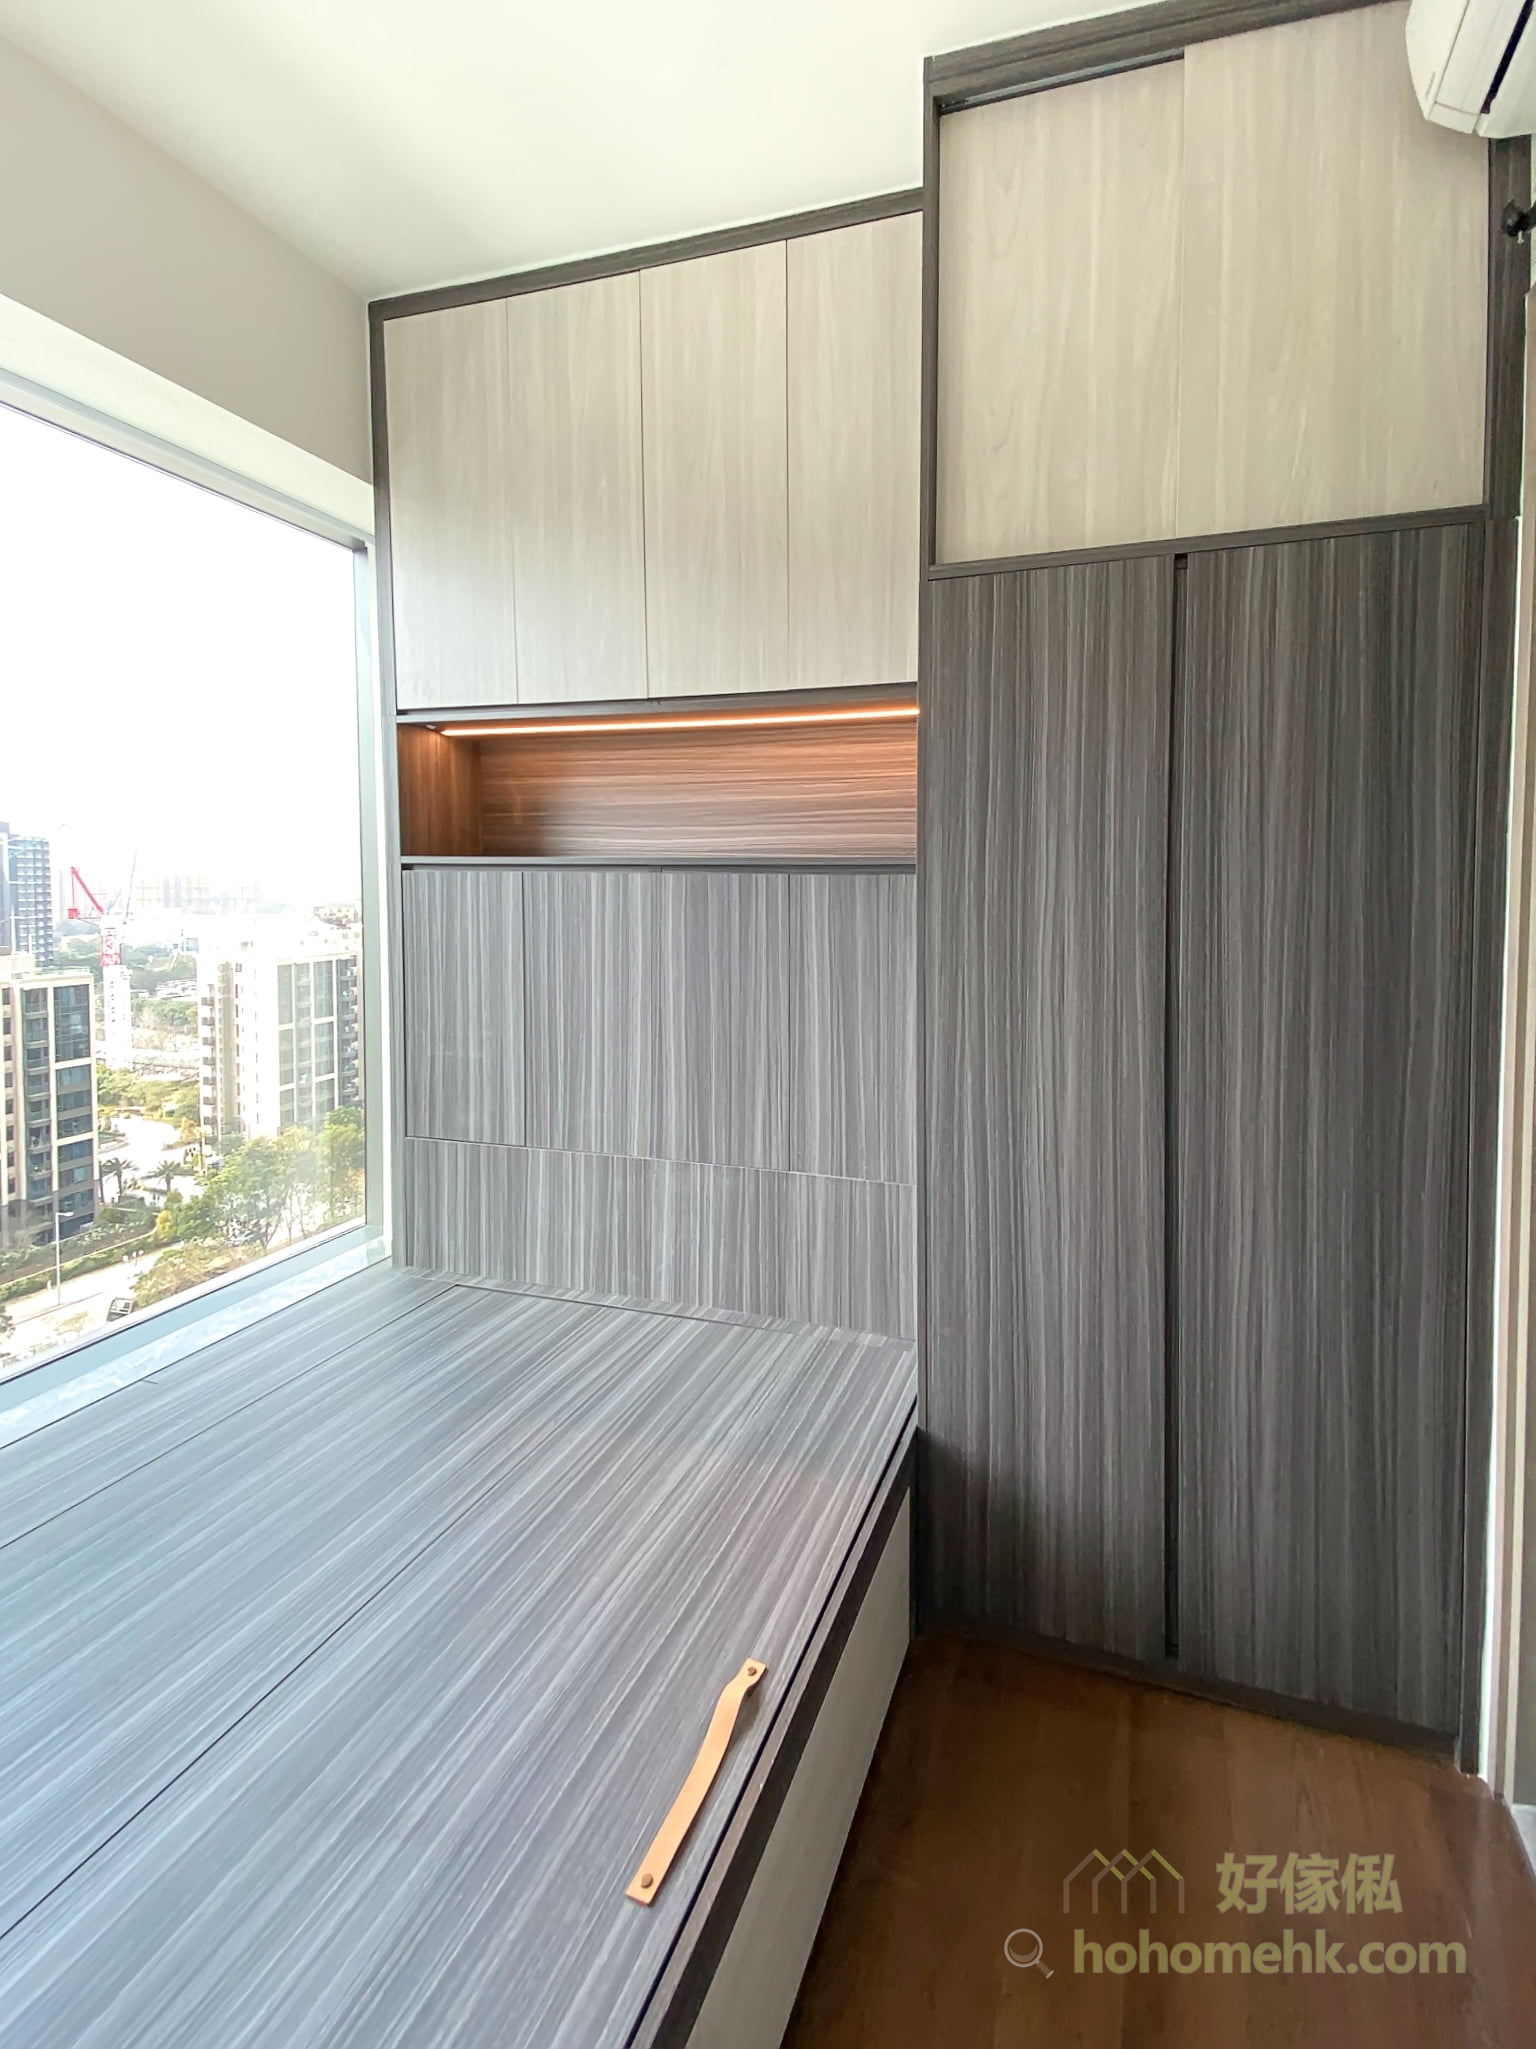 以吊櫃加半身櫃的方式打造床頭櫃,中空部份提供了一個平面擺放各式小物,外觀簡約整齊,又可以創造超大的垂直收納空間